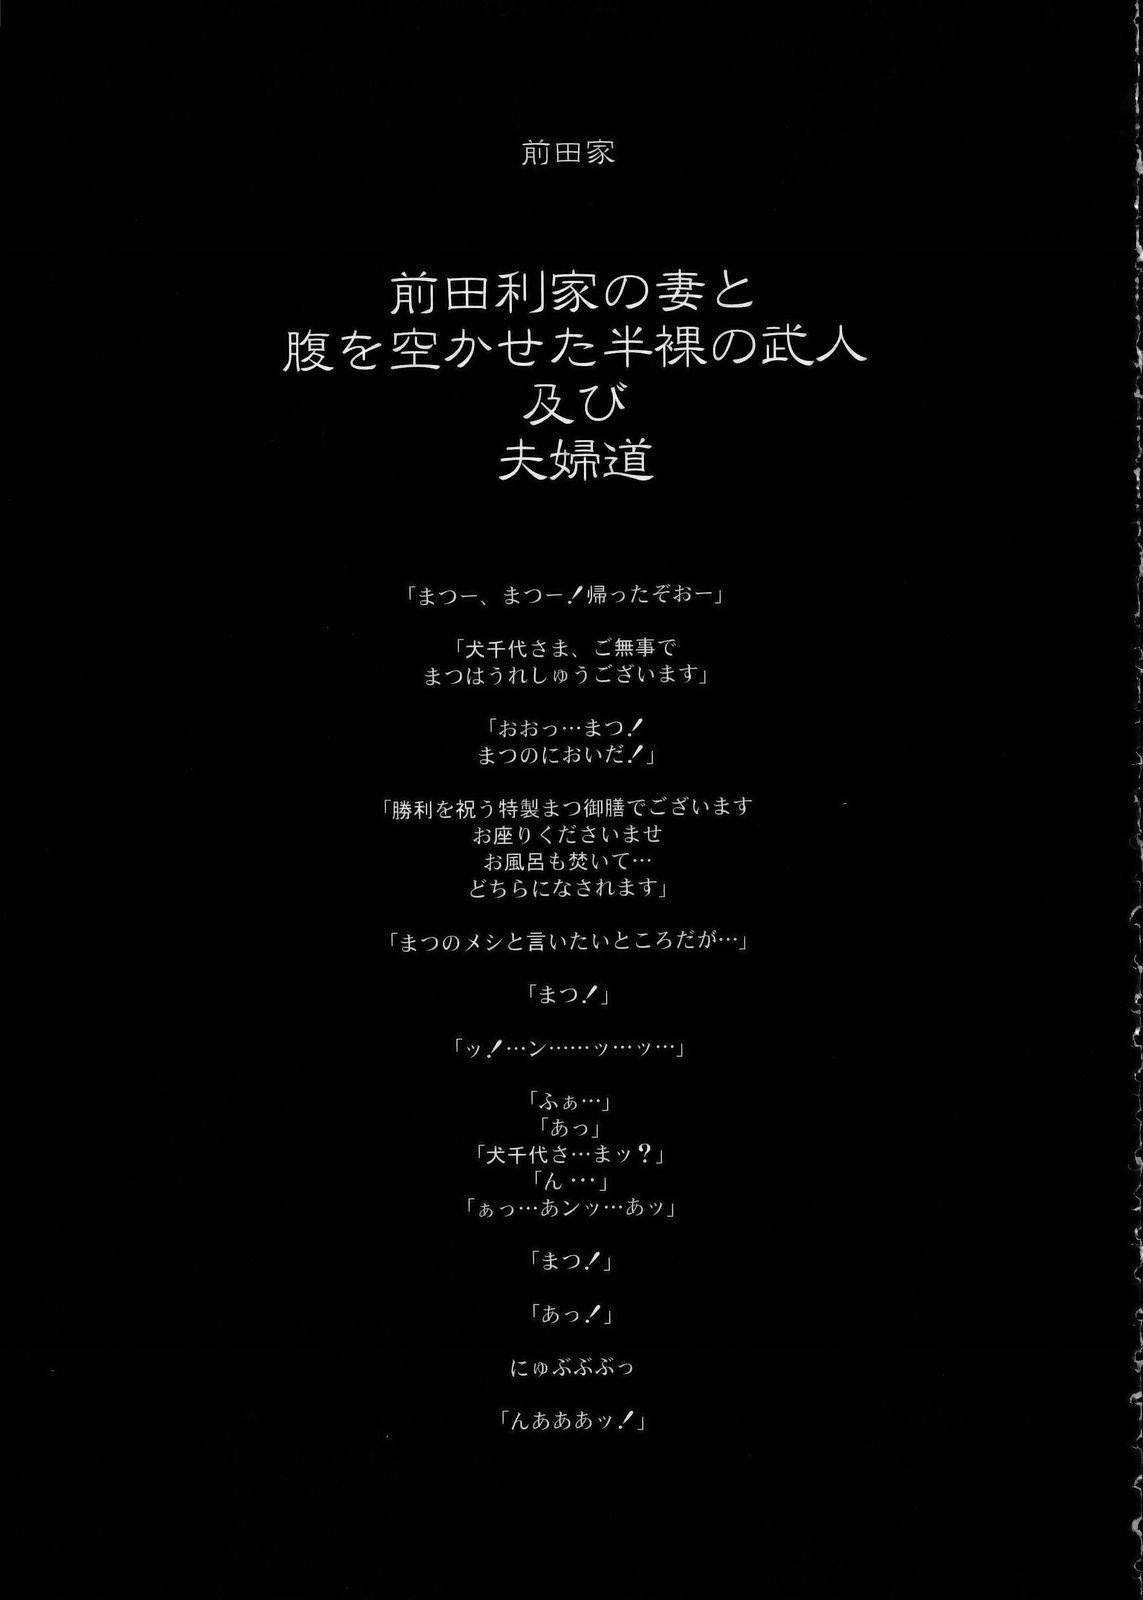 Sengoku Basara 29